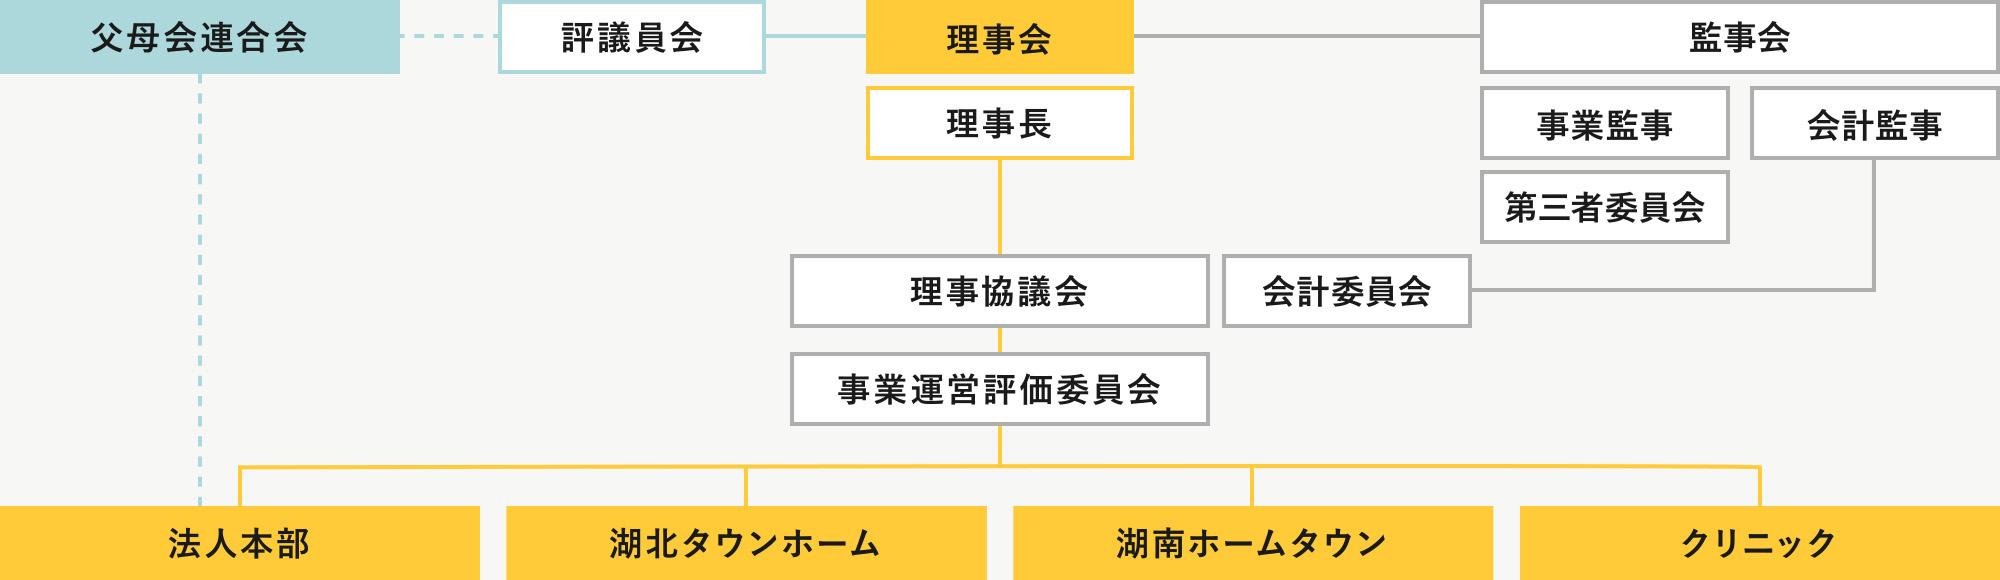 滋賀県障害児協会 組織図